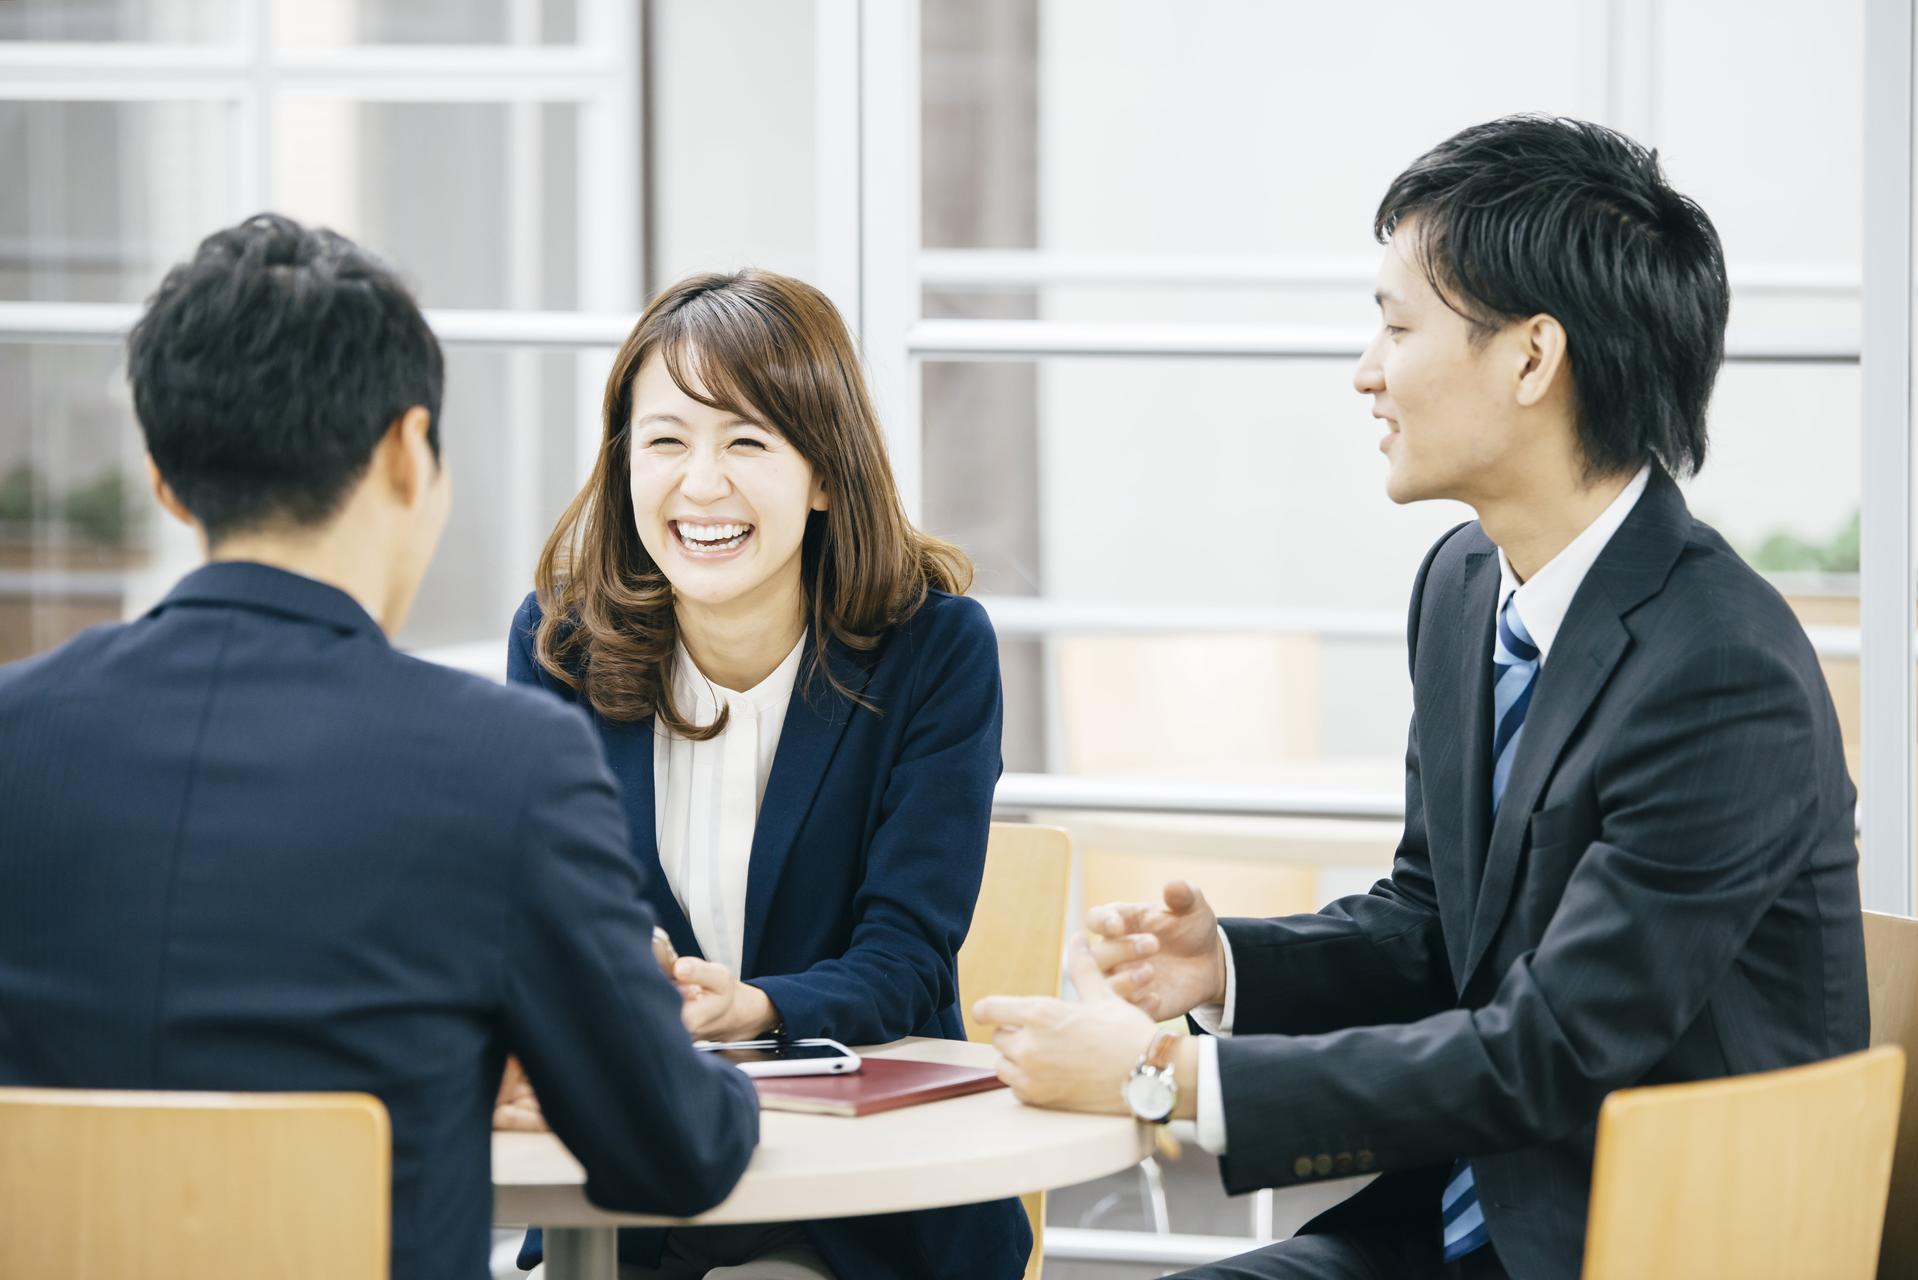 社内コミュニケーション研修